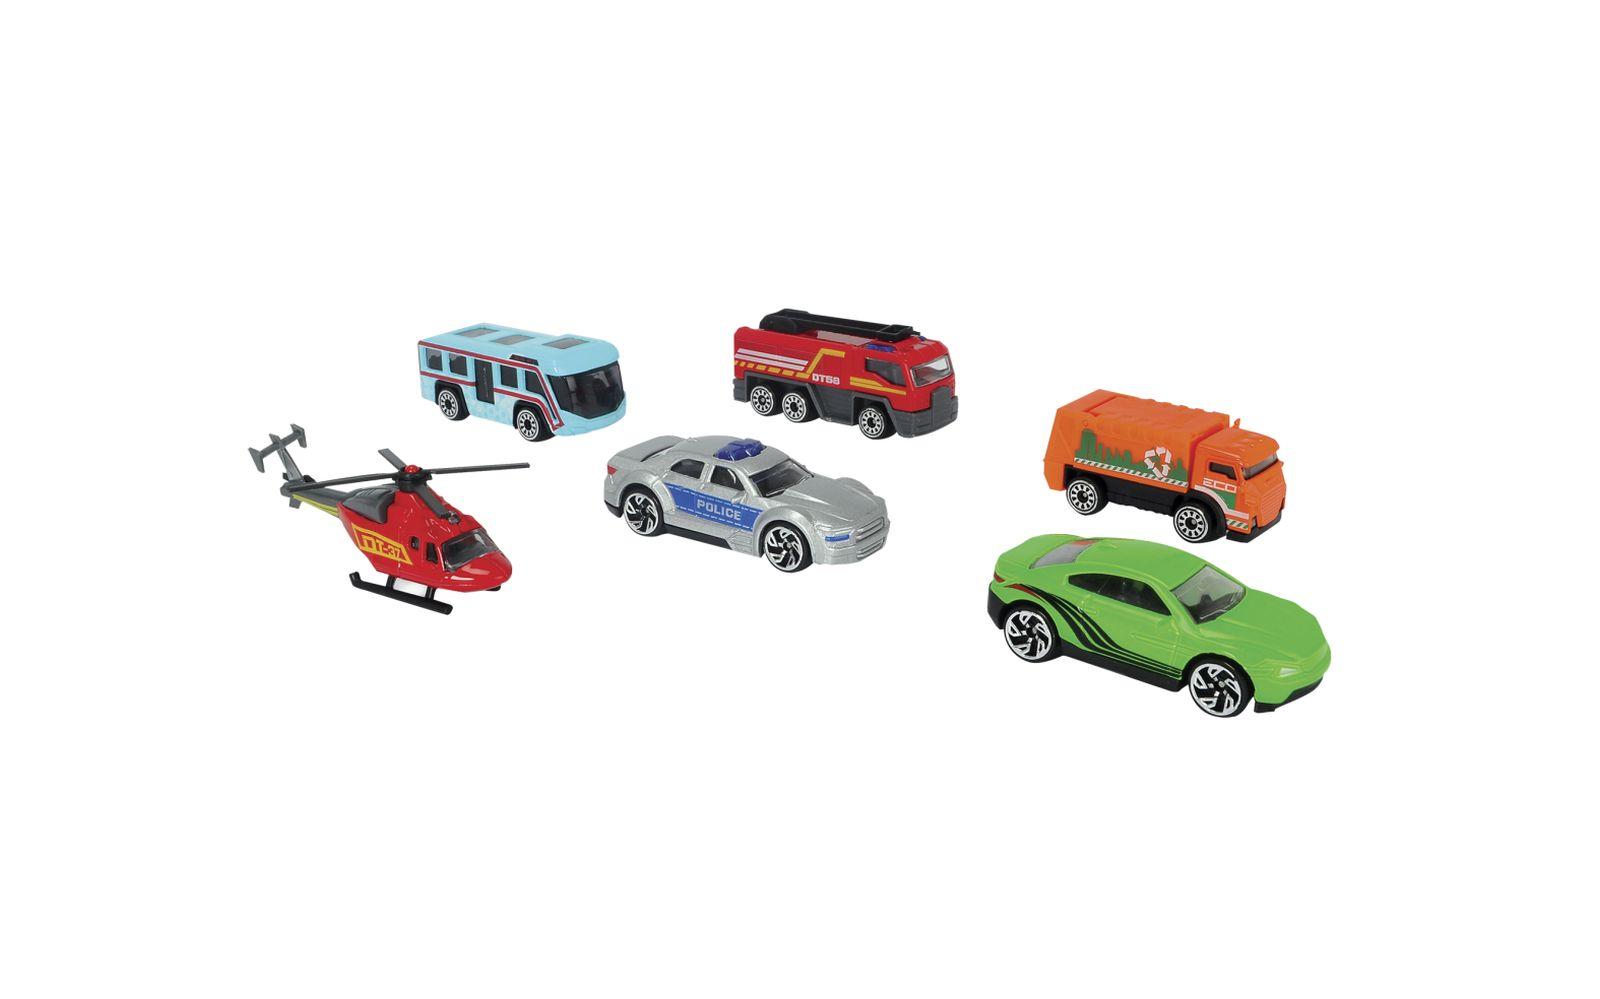 Zainetto con tappeto veicoli e accessori - MOTOR & CO.